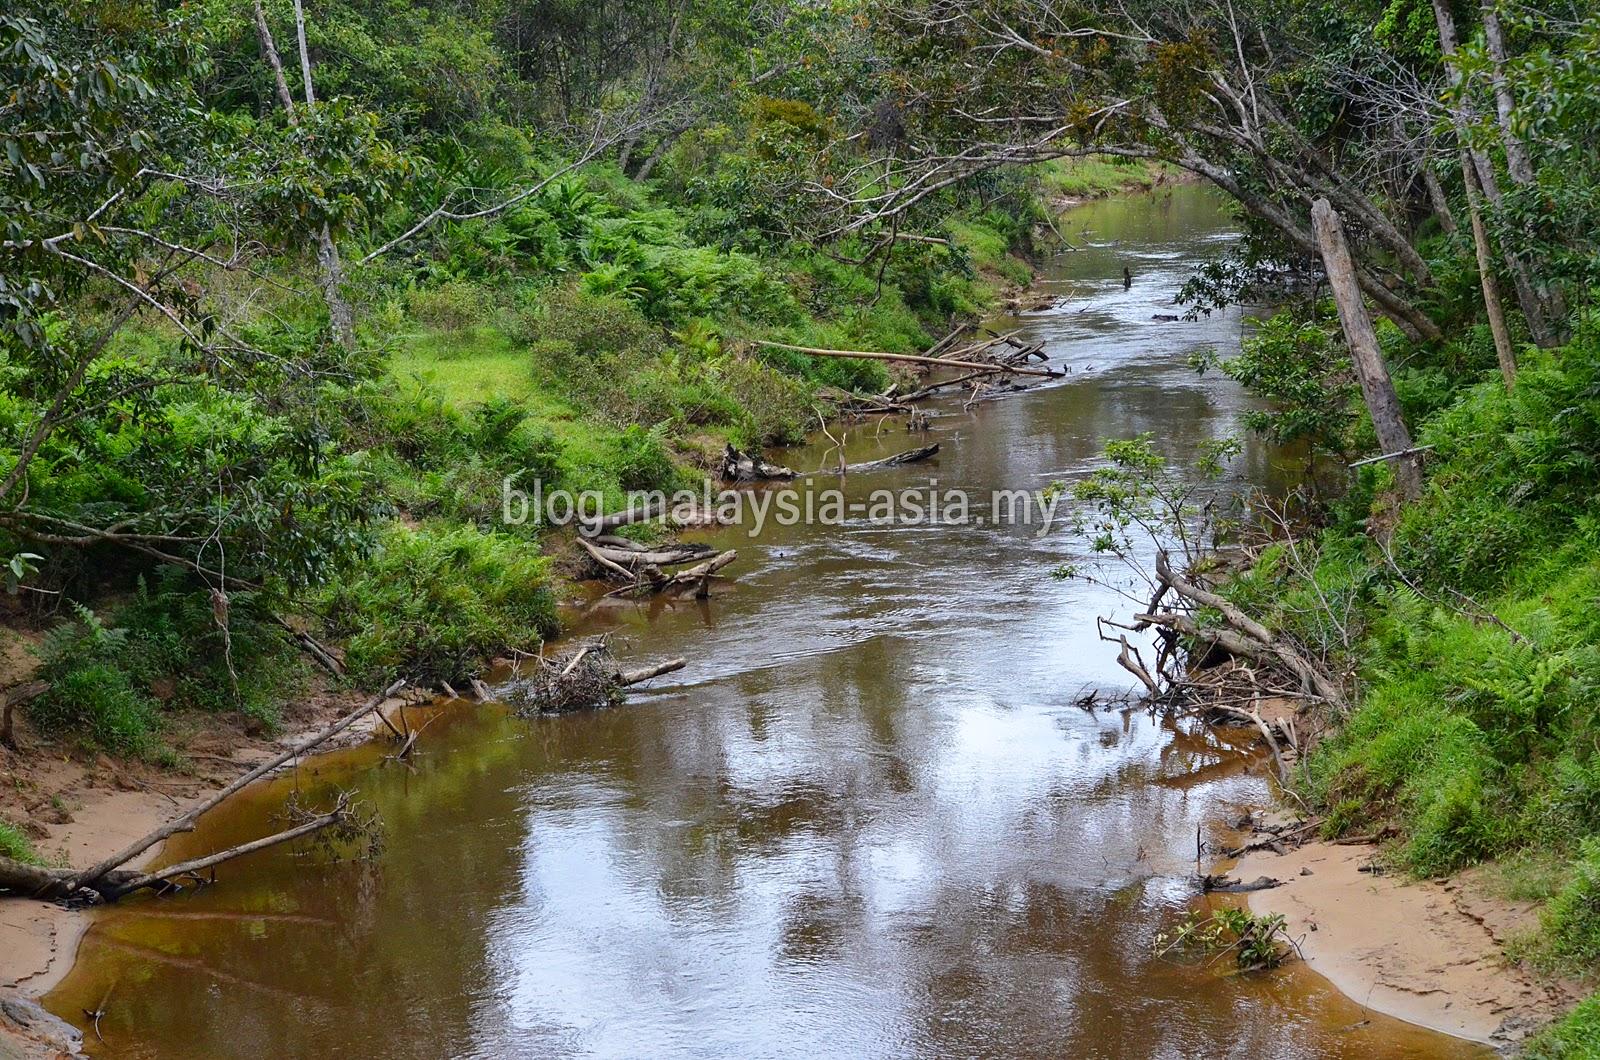 Bario River Kayaking